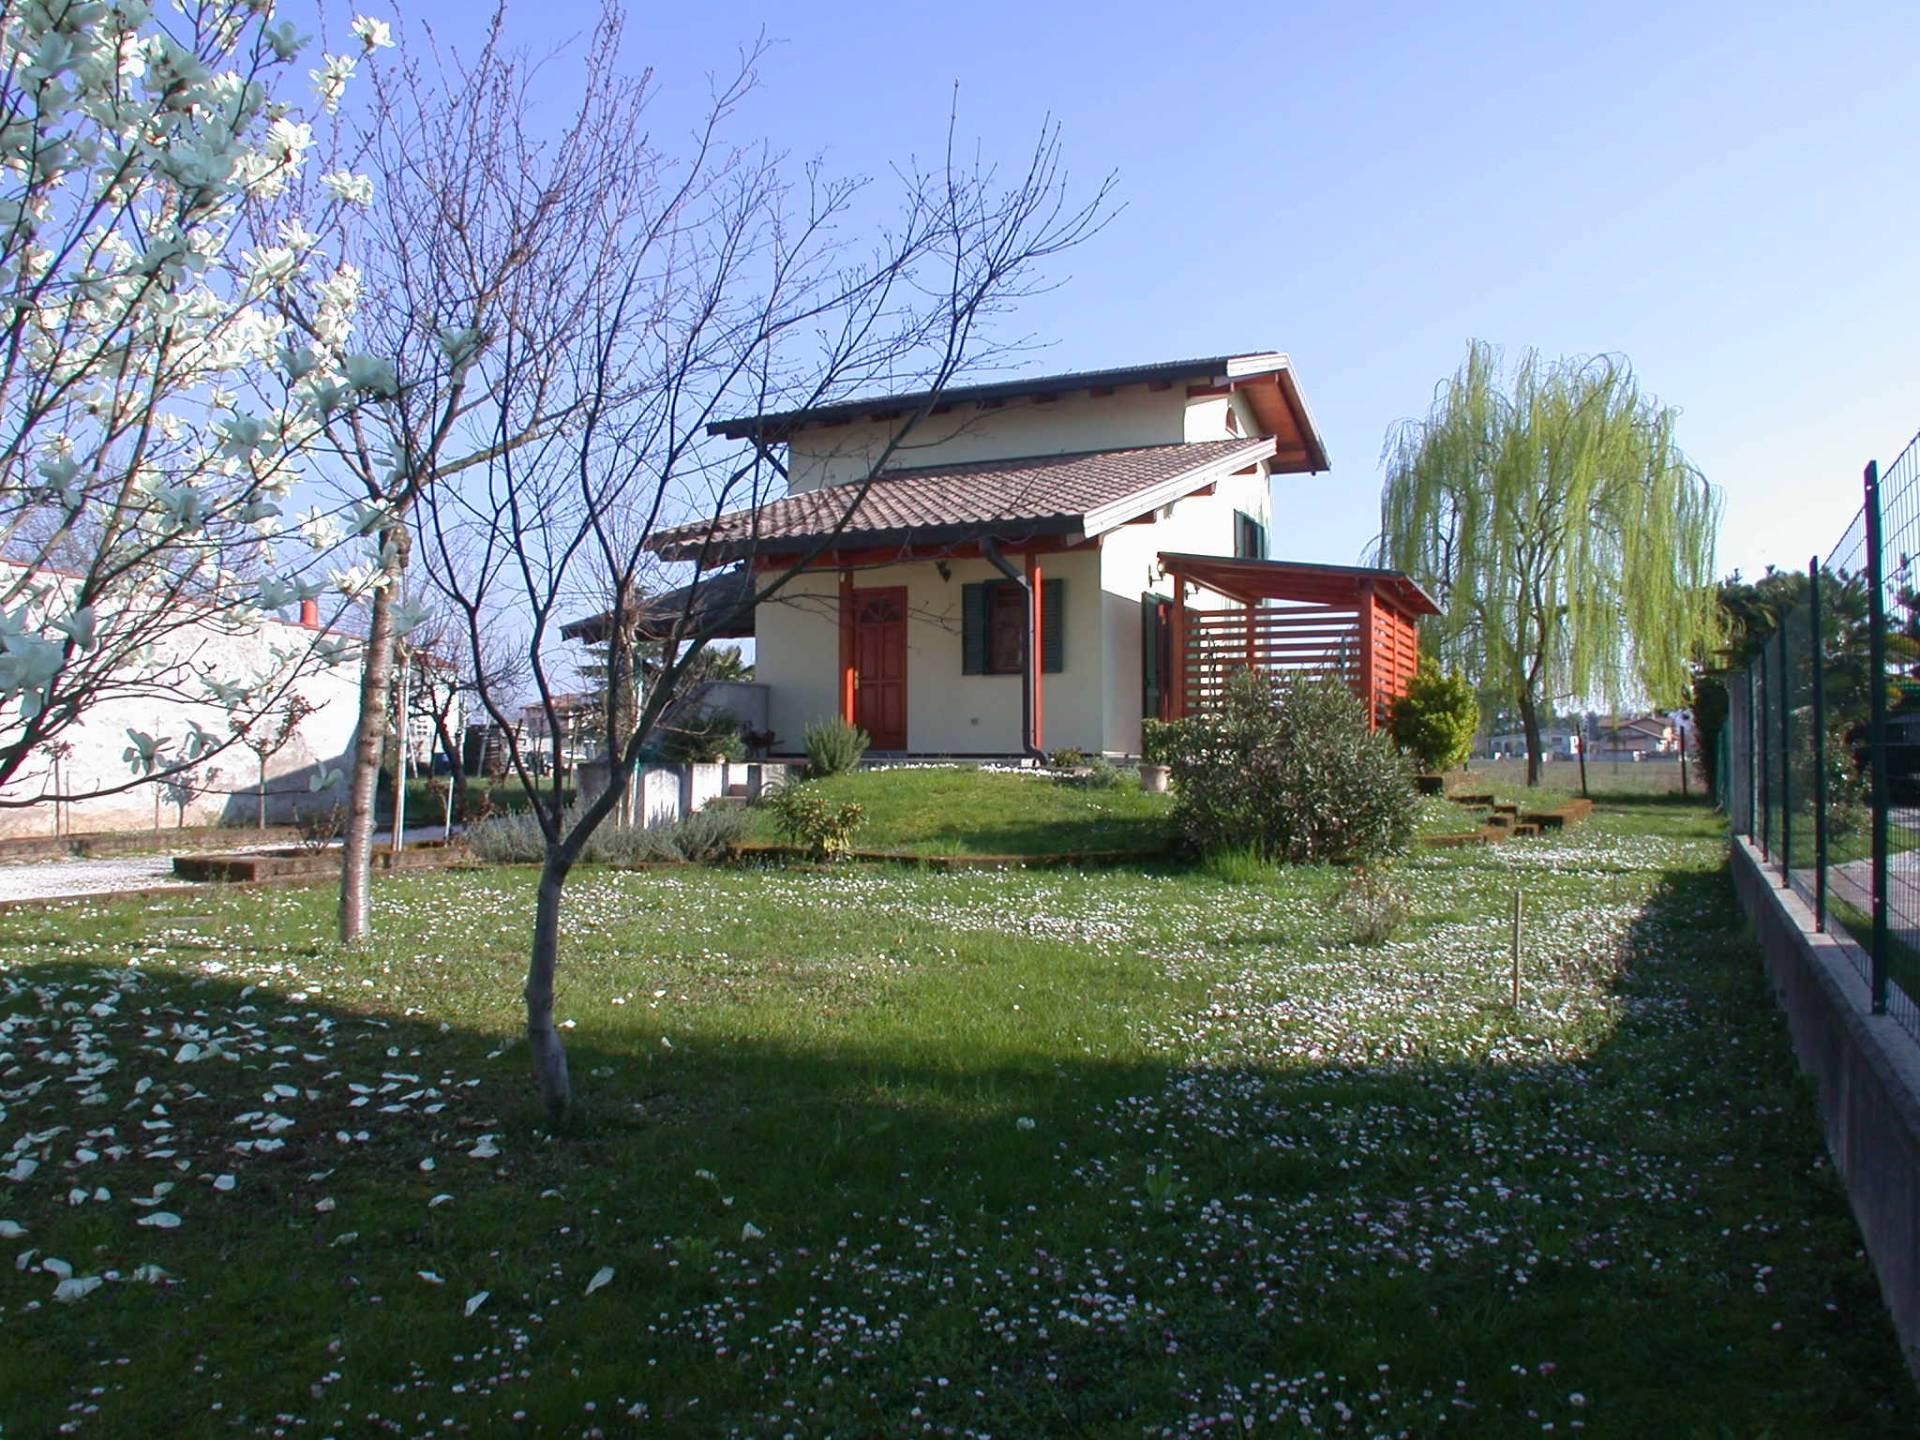 Soluzione Indipendente in vendita a Mossa, 9 locali, prezzo € 205.000 | Cambio Casa.it